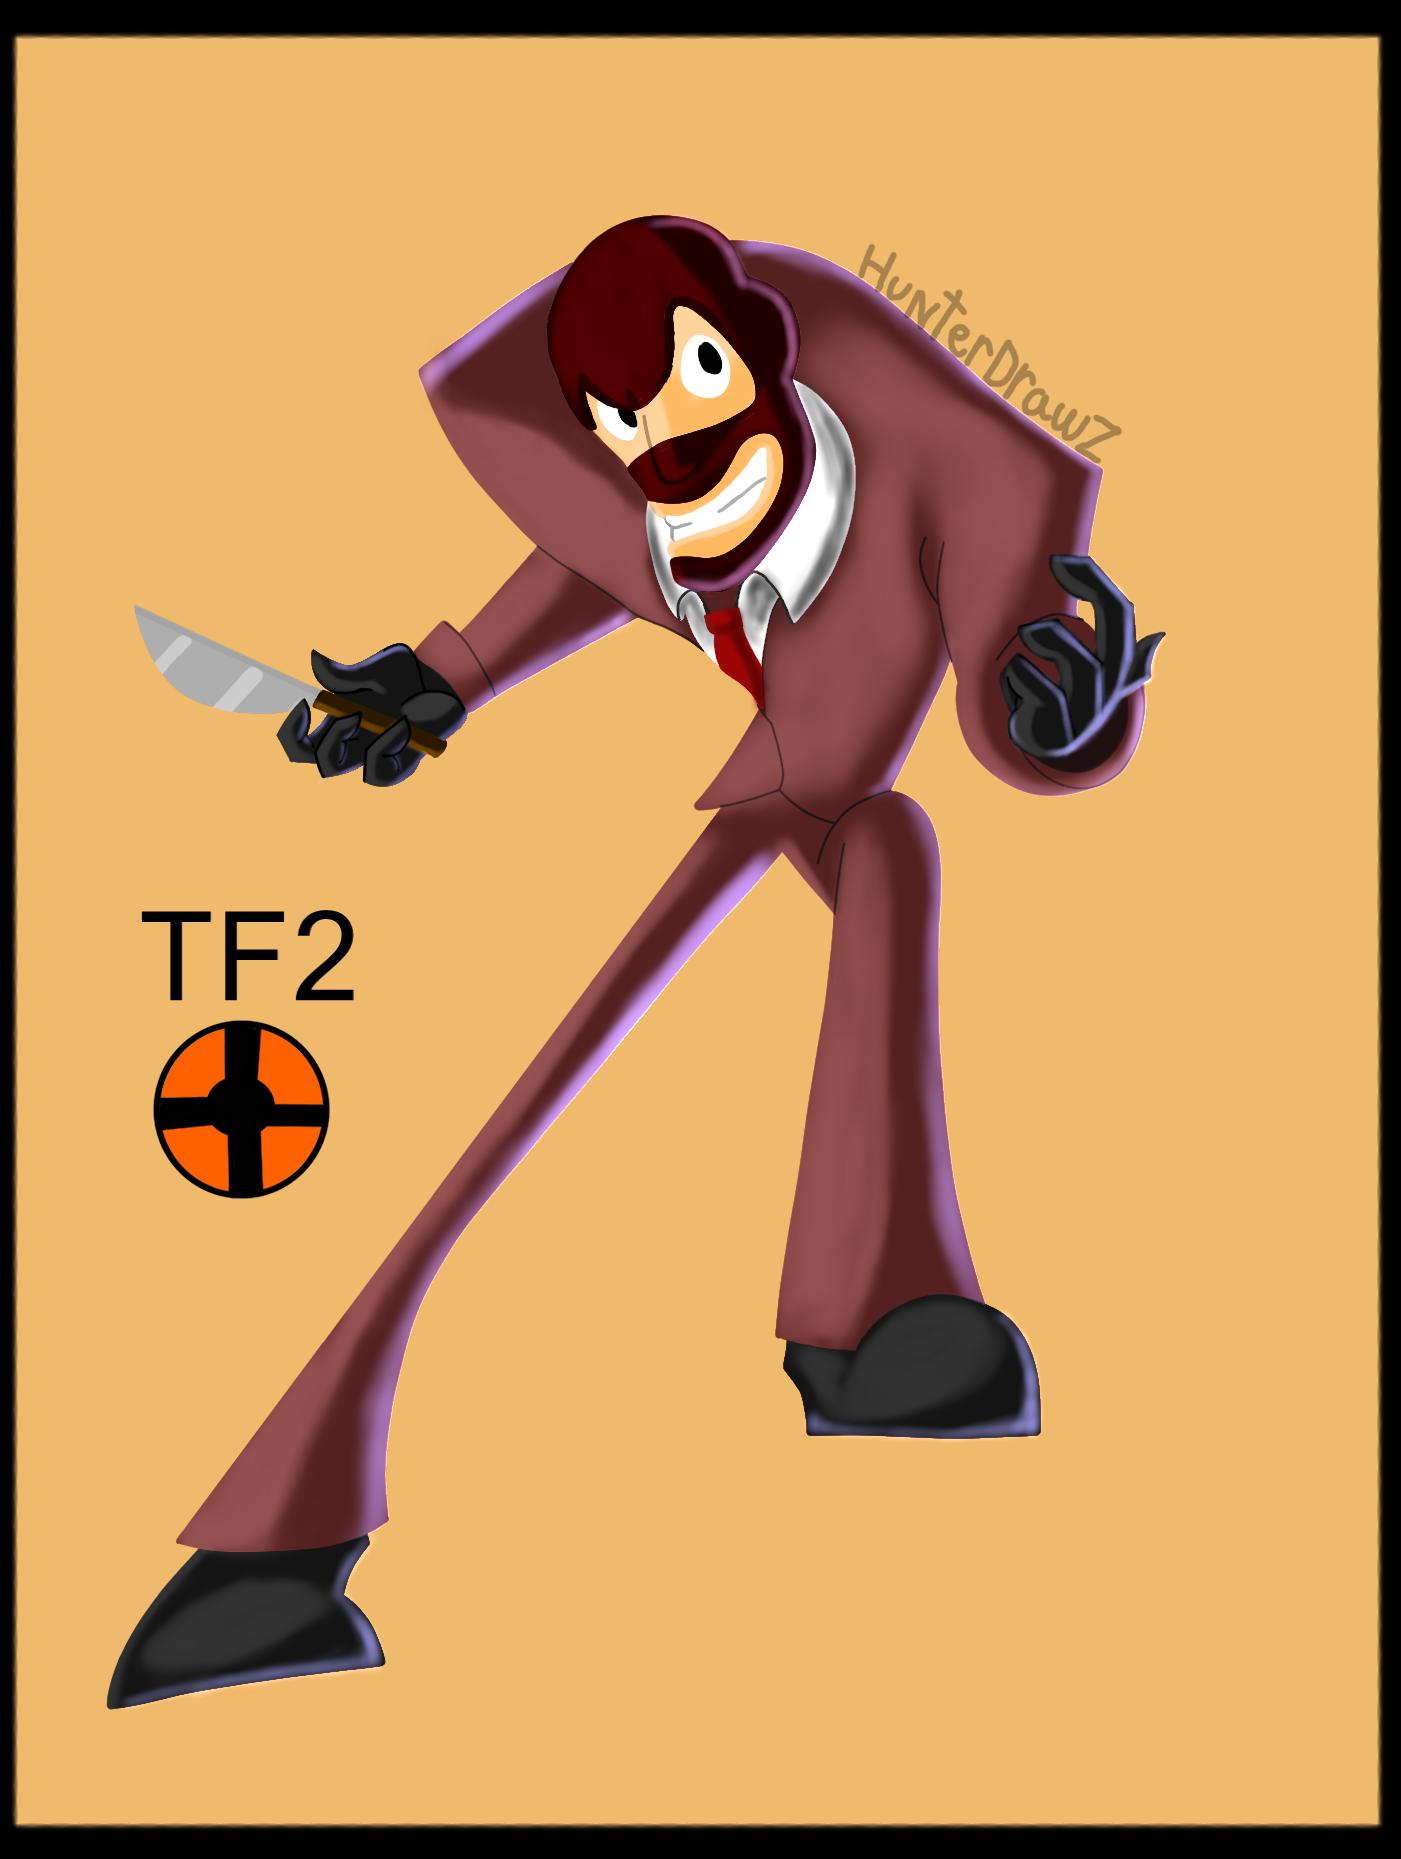 TF2 spy fan art